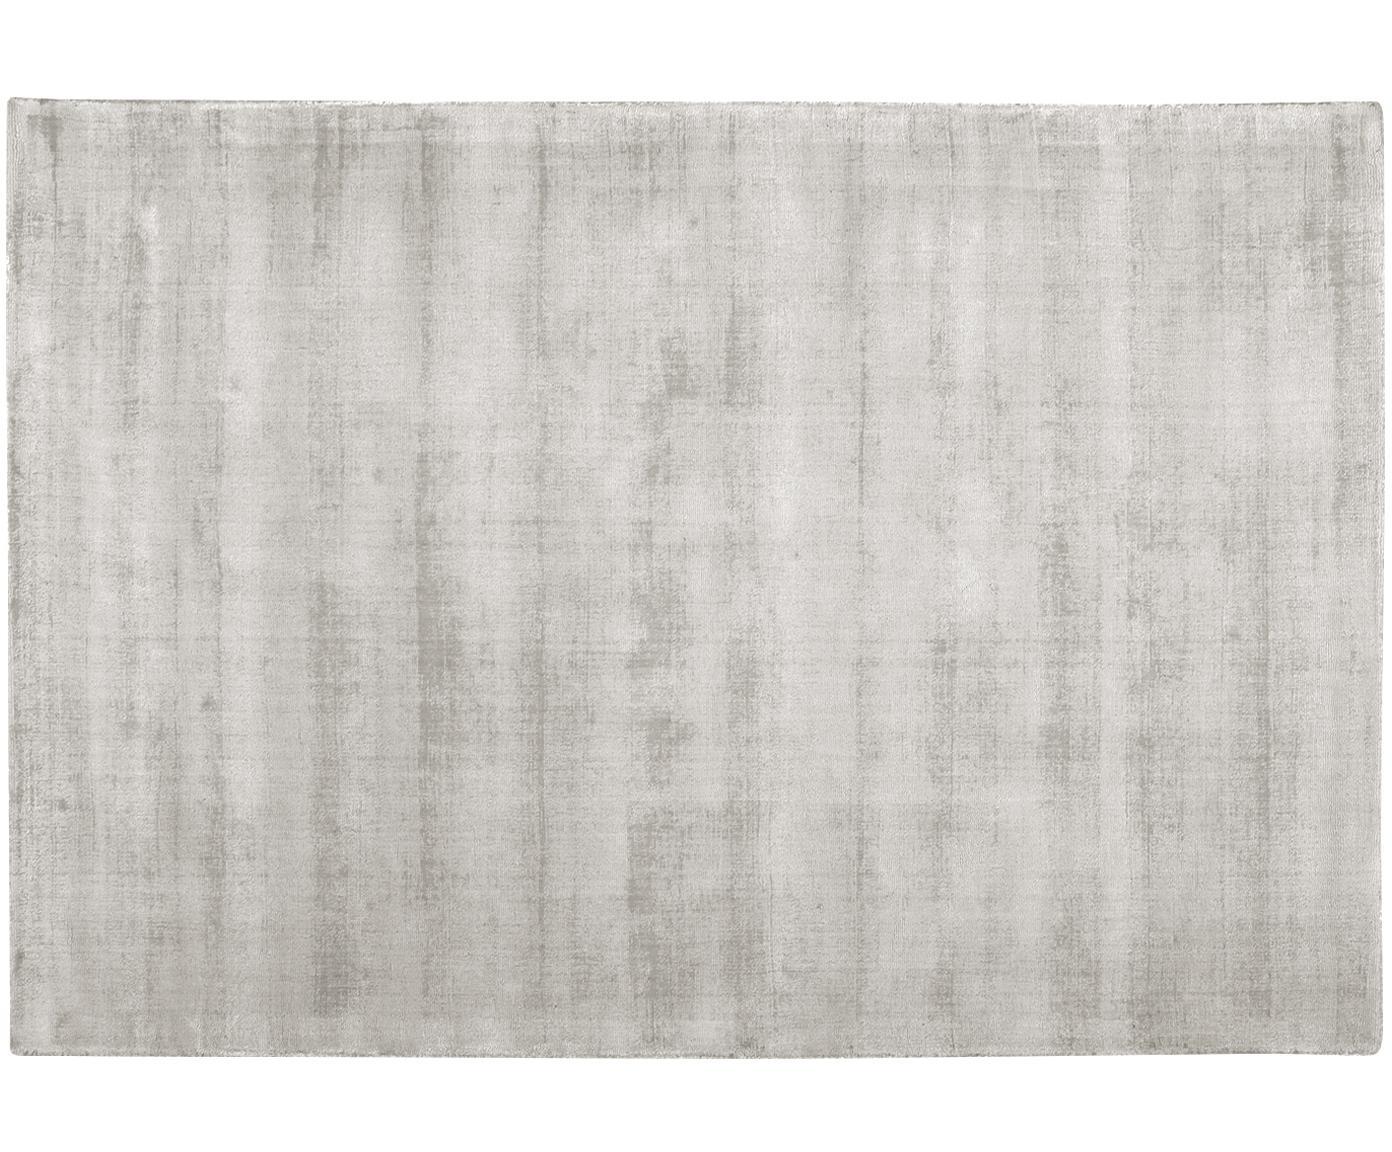 Handgeweven viscose vloerkleed Jane, Bovenzijde: 100% viscose, Onderzijde: 100% katoen, Lichtgrijs-beige, 160 x 230 cm